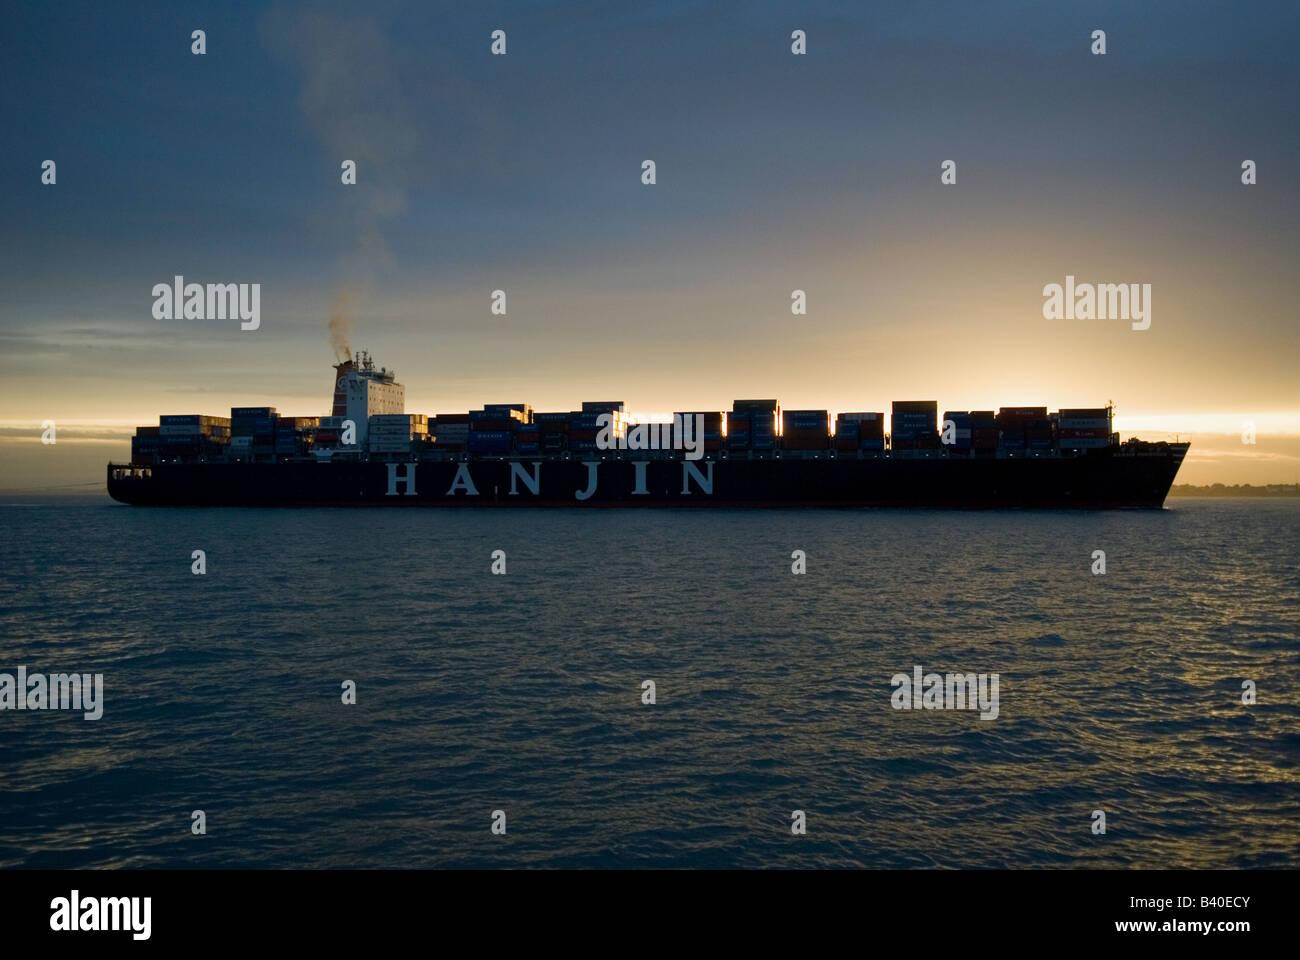 000 Ton Ship Stock Photos & 000 Ton Ship Stock Images - Page